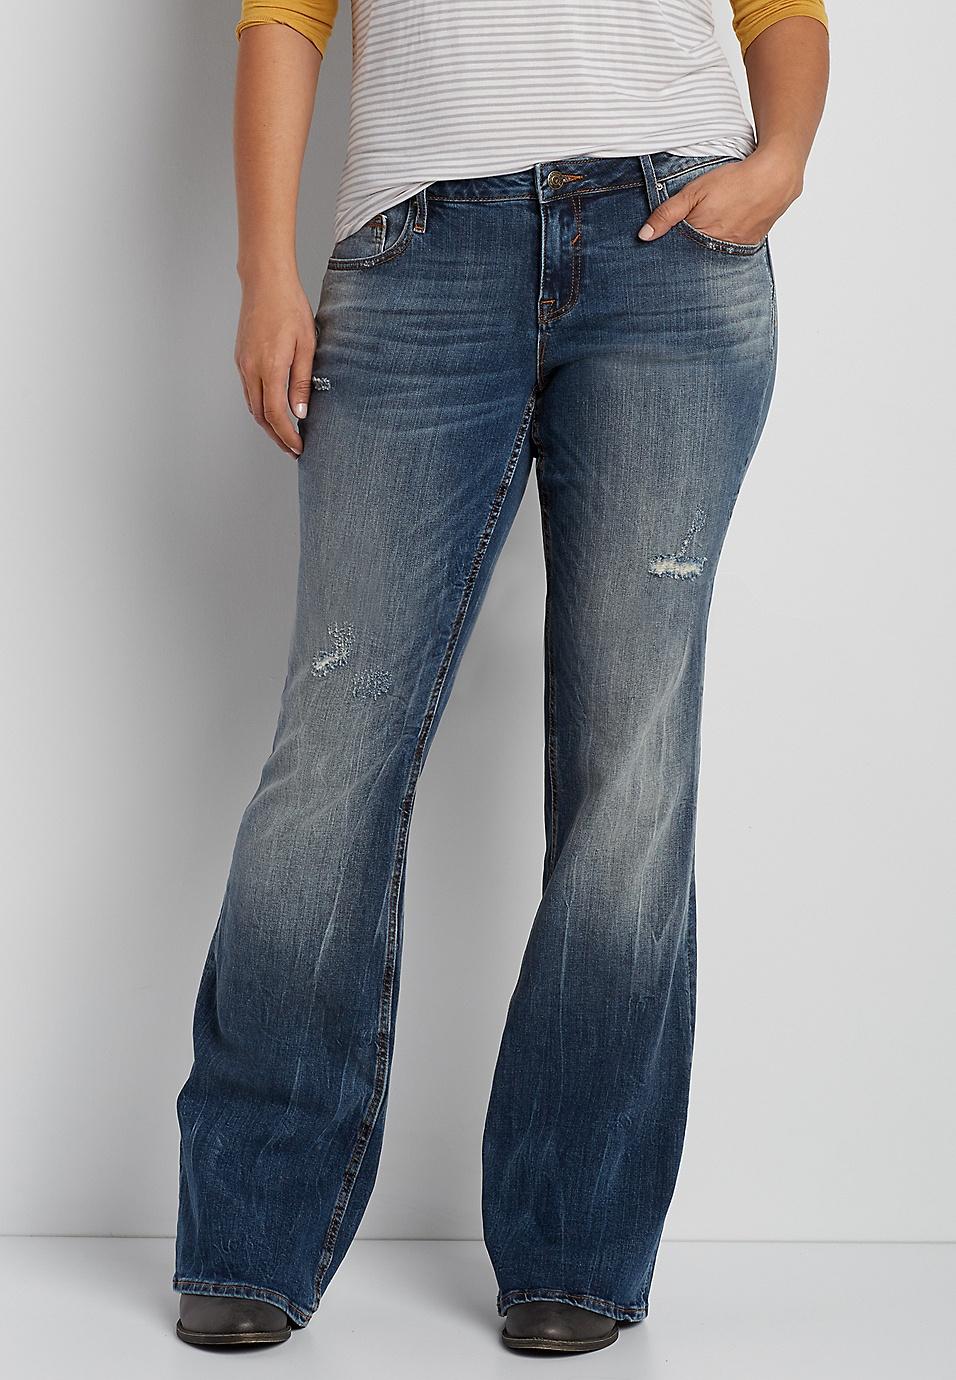 47d1bcb3aa198 Vigoss® plus size flare jeans with destruction. (0). Write a review. Â